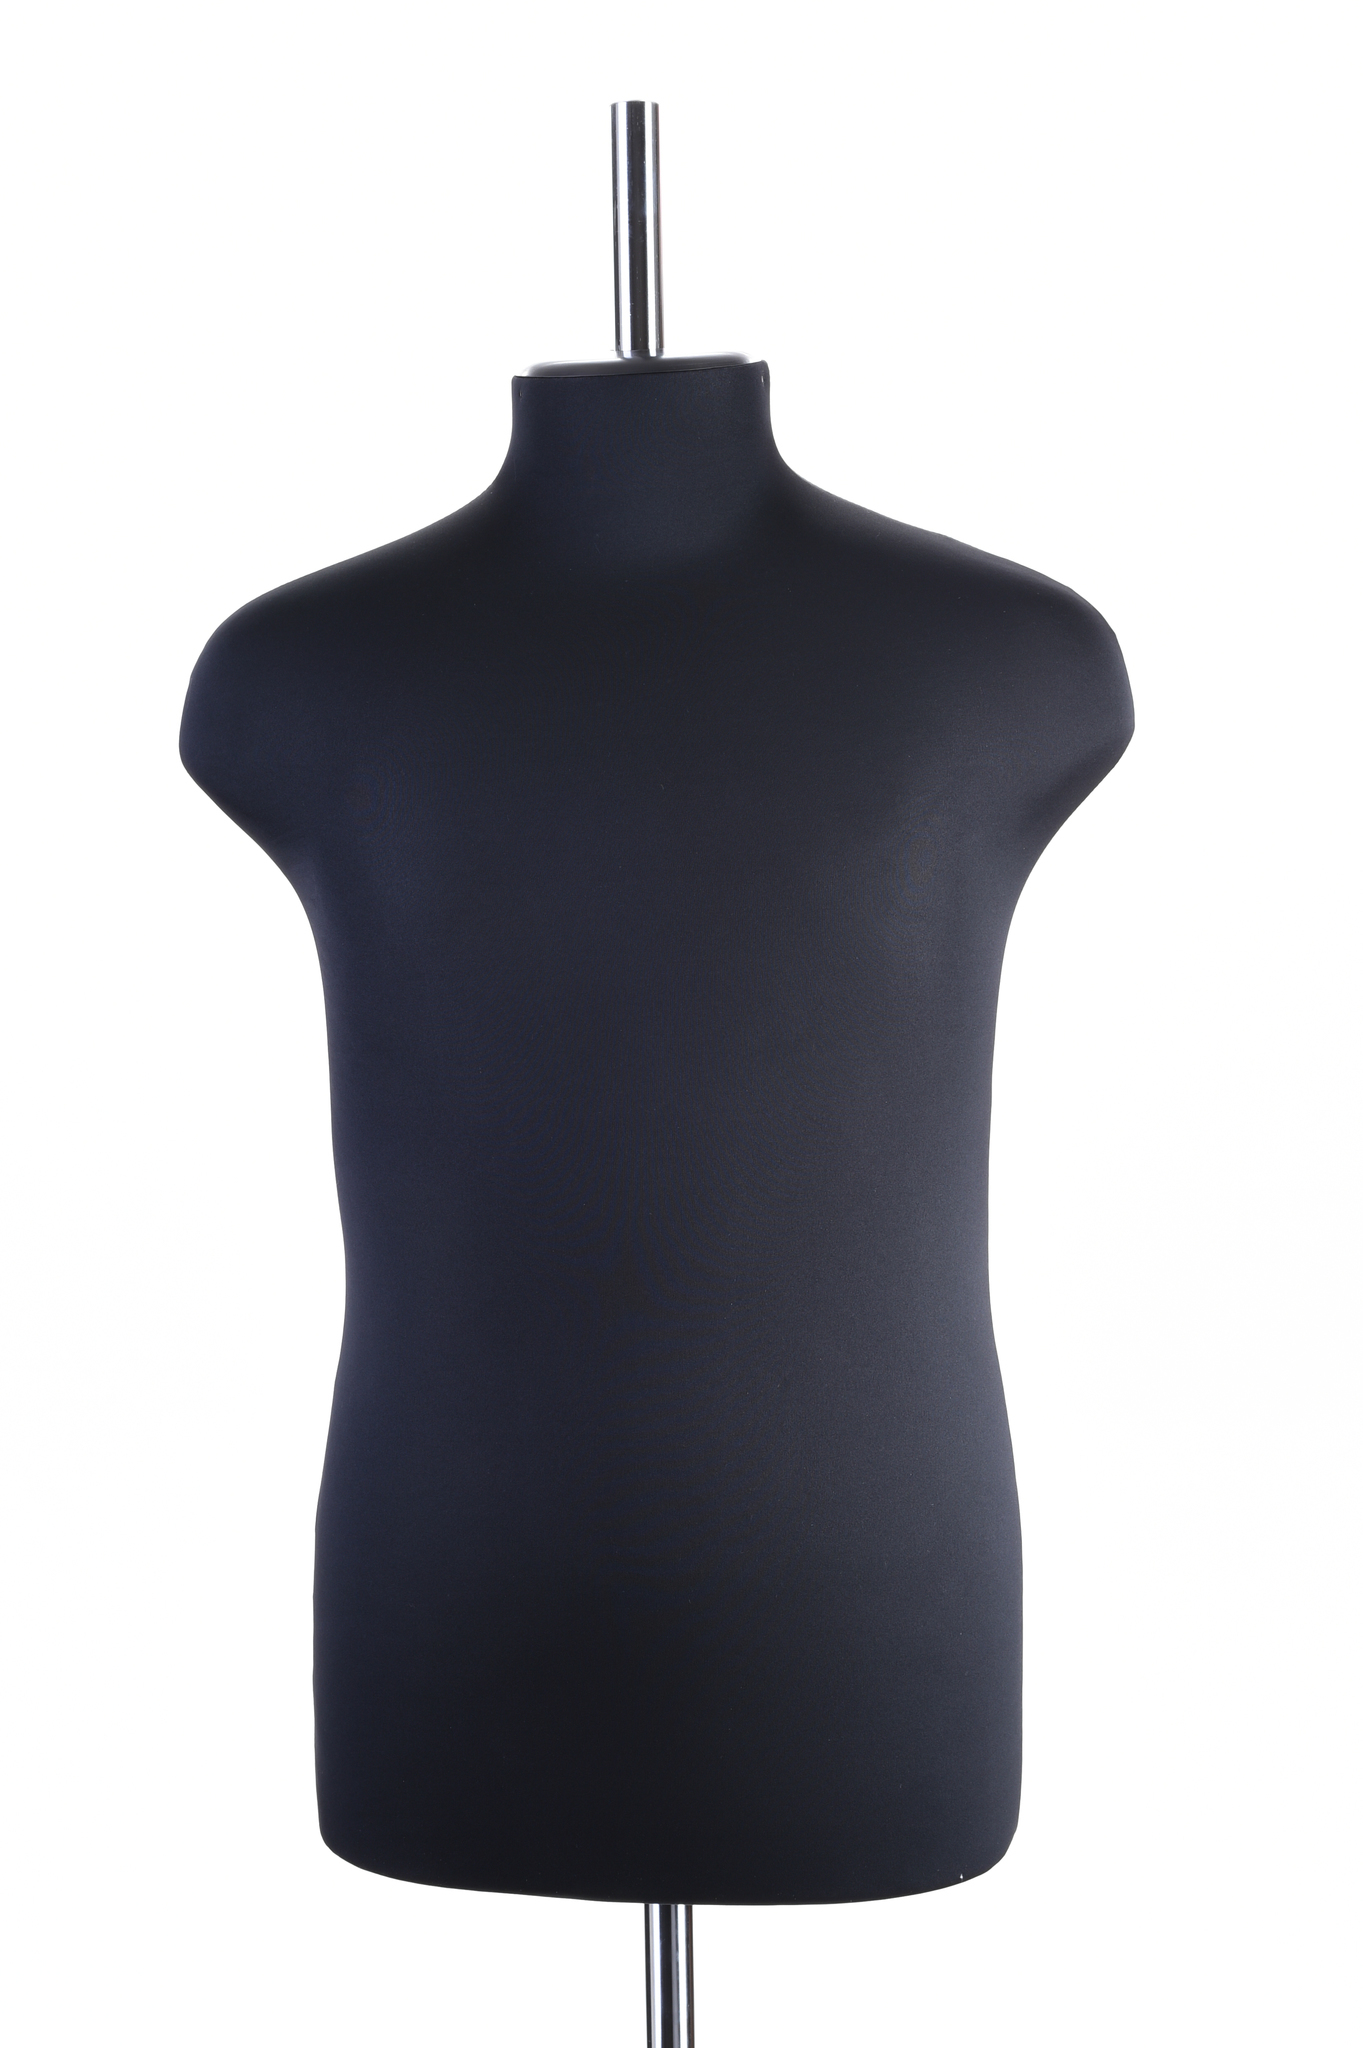 Манекен портновский мужской 50 размер ОСТ (черный)